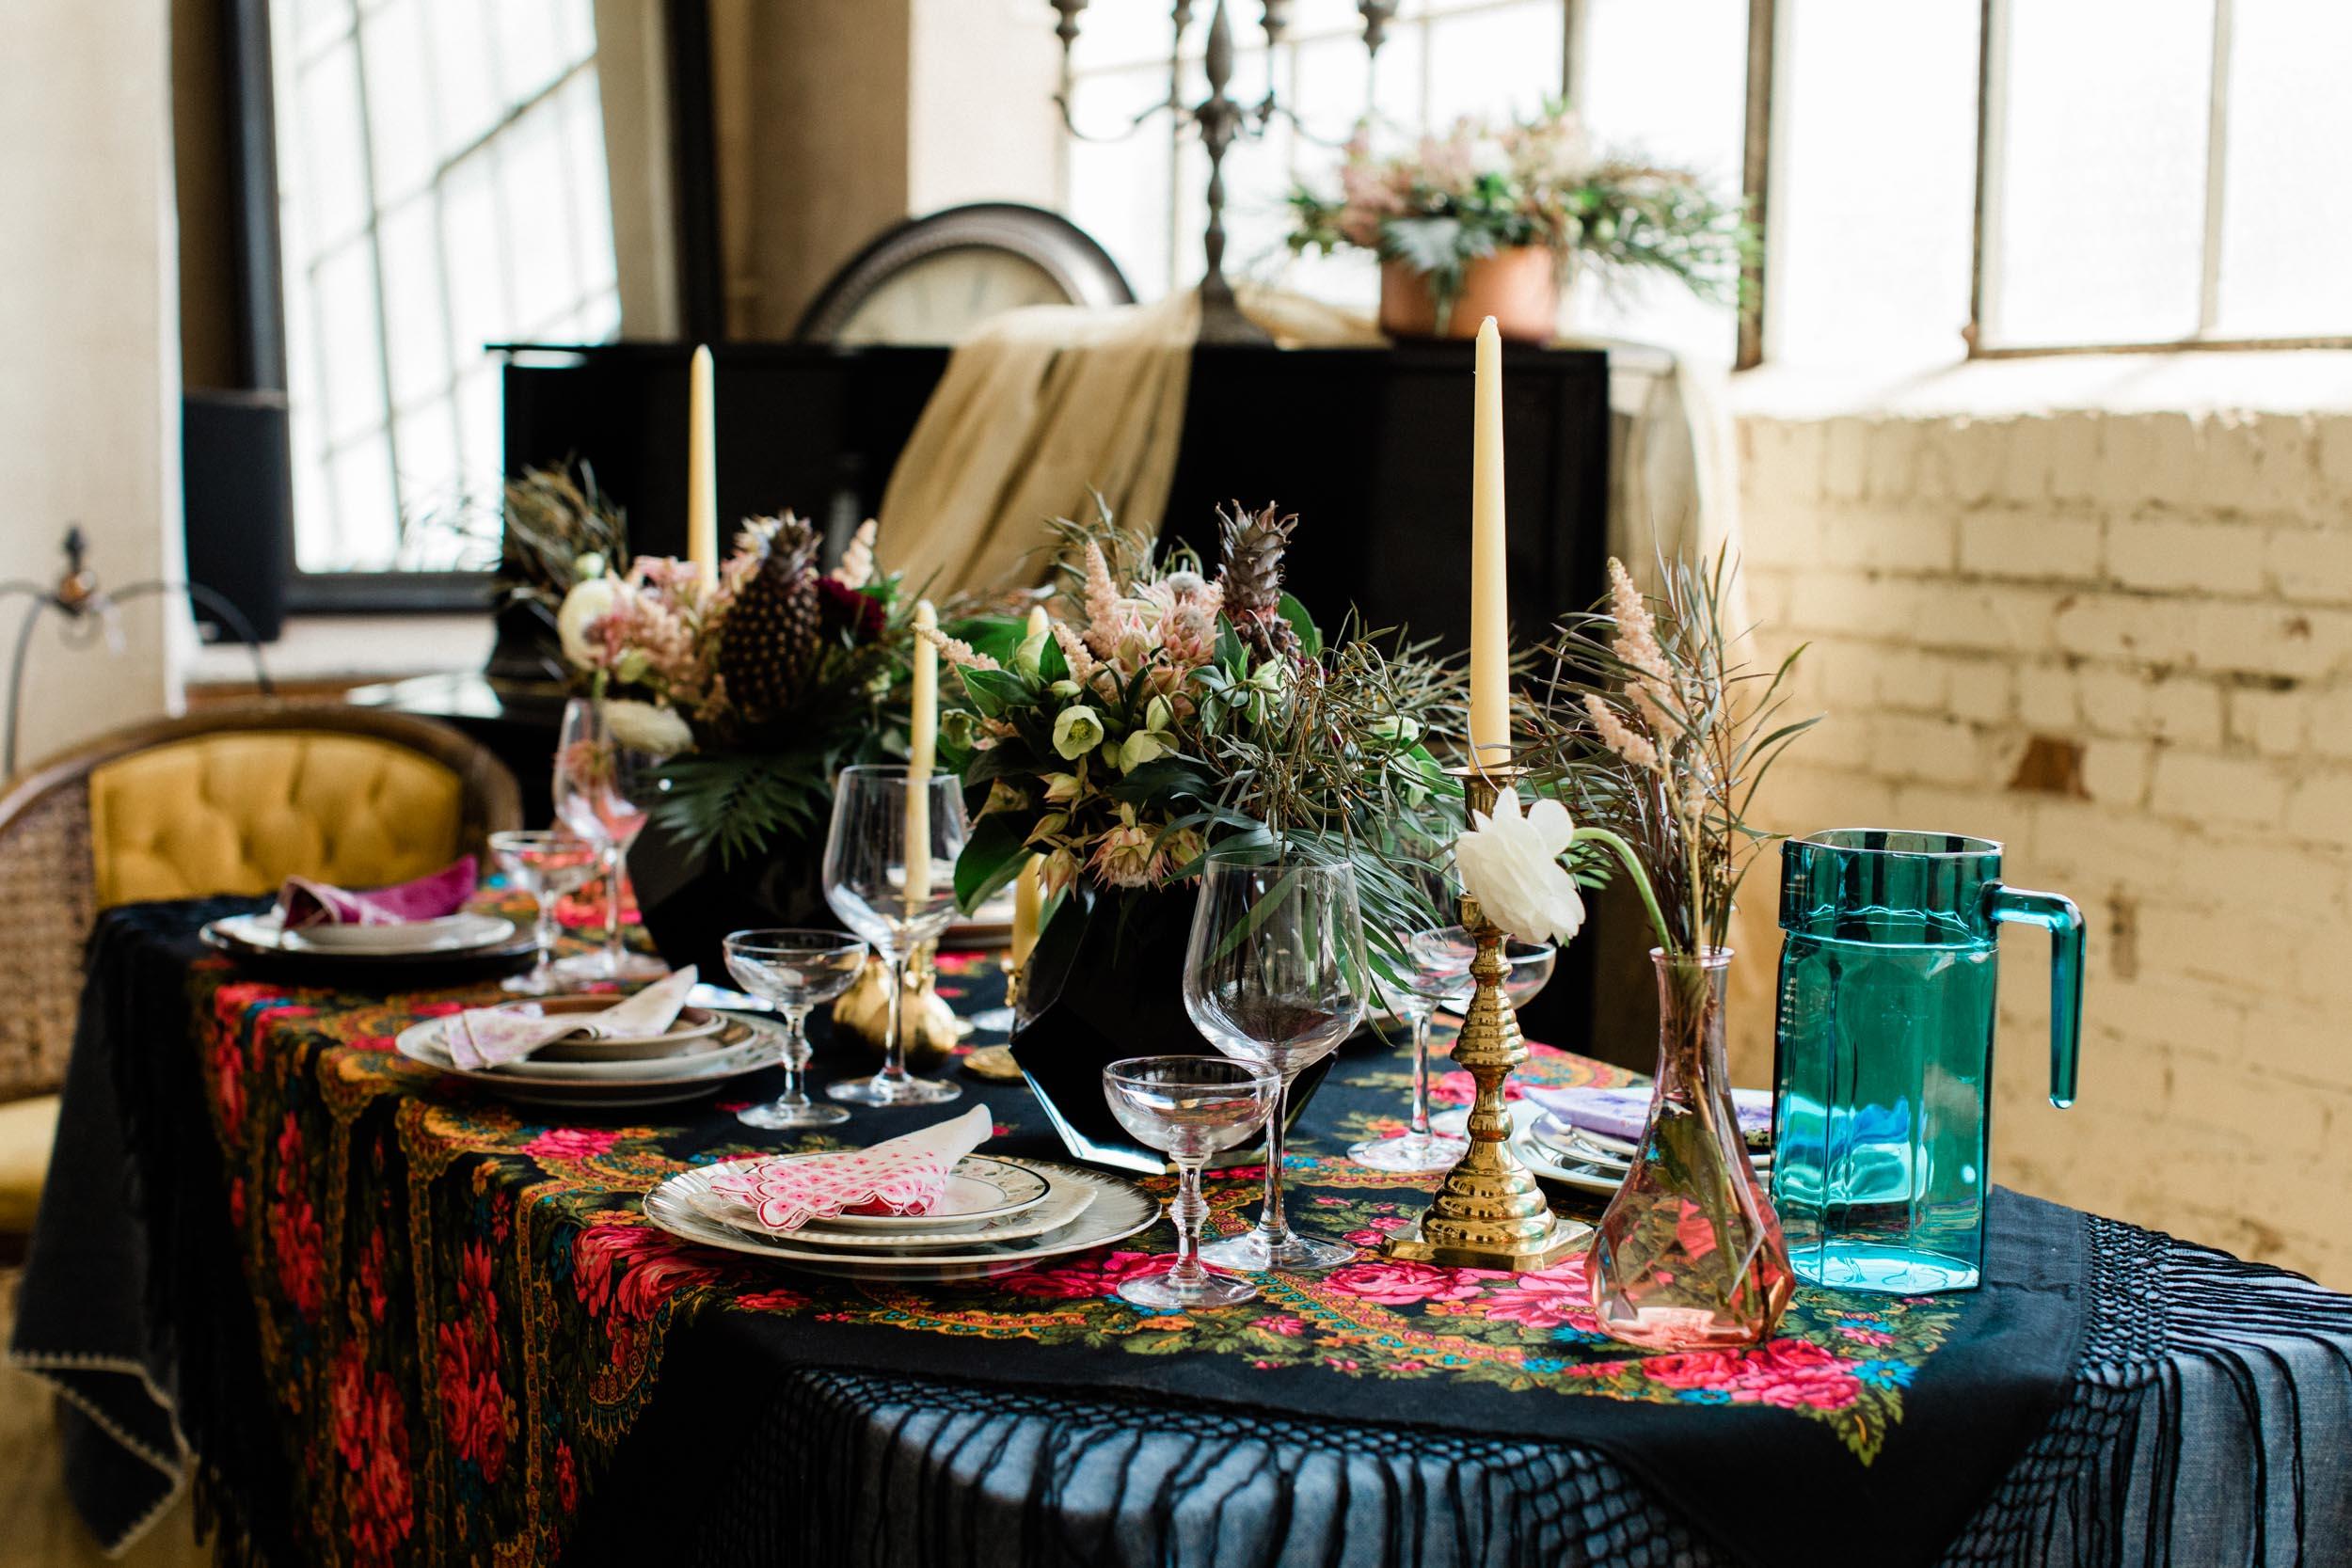 BKM-Photography-Dark-Gothic-Madeline-Garden-Bistro-Pasadena-Wedding-Photographer-Janelle-Loiselle-0012.jpg